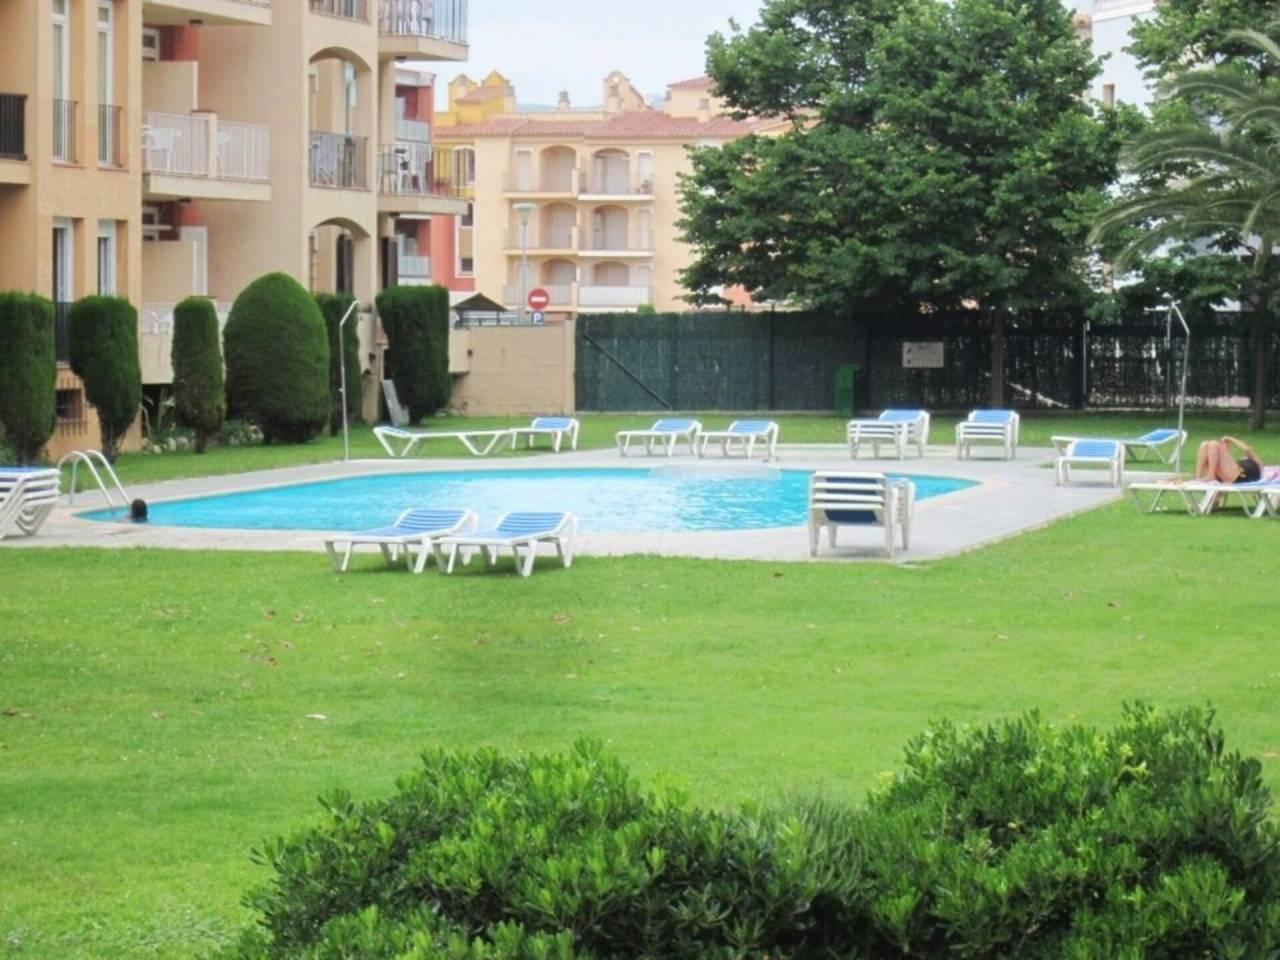 061244 - MIMOSES Appartement au rez-de-chaussée en construction avec jardins et piscines communs